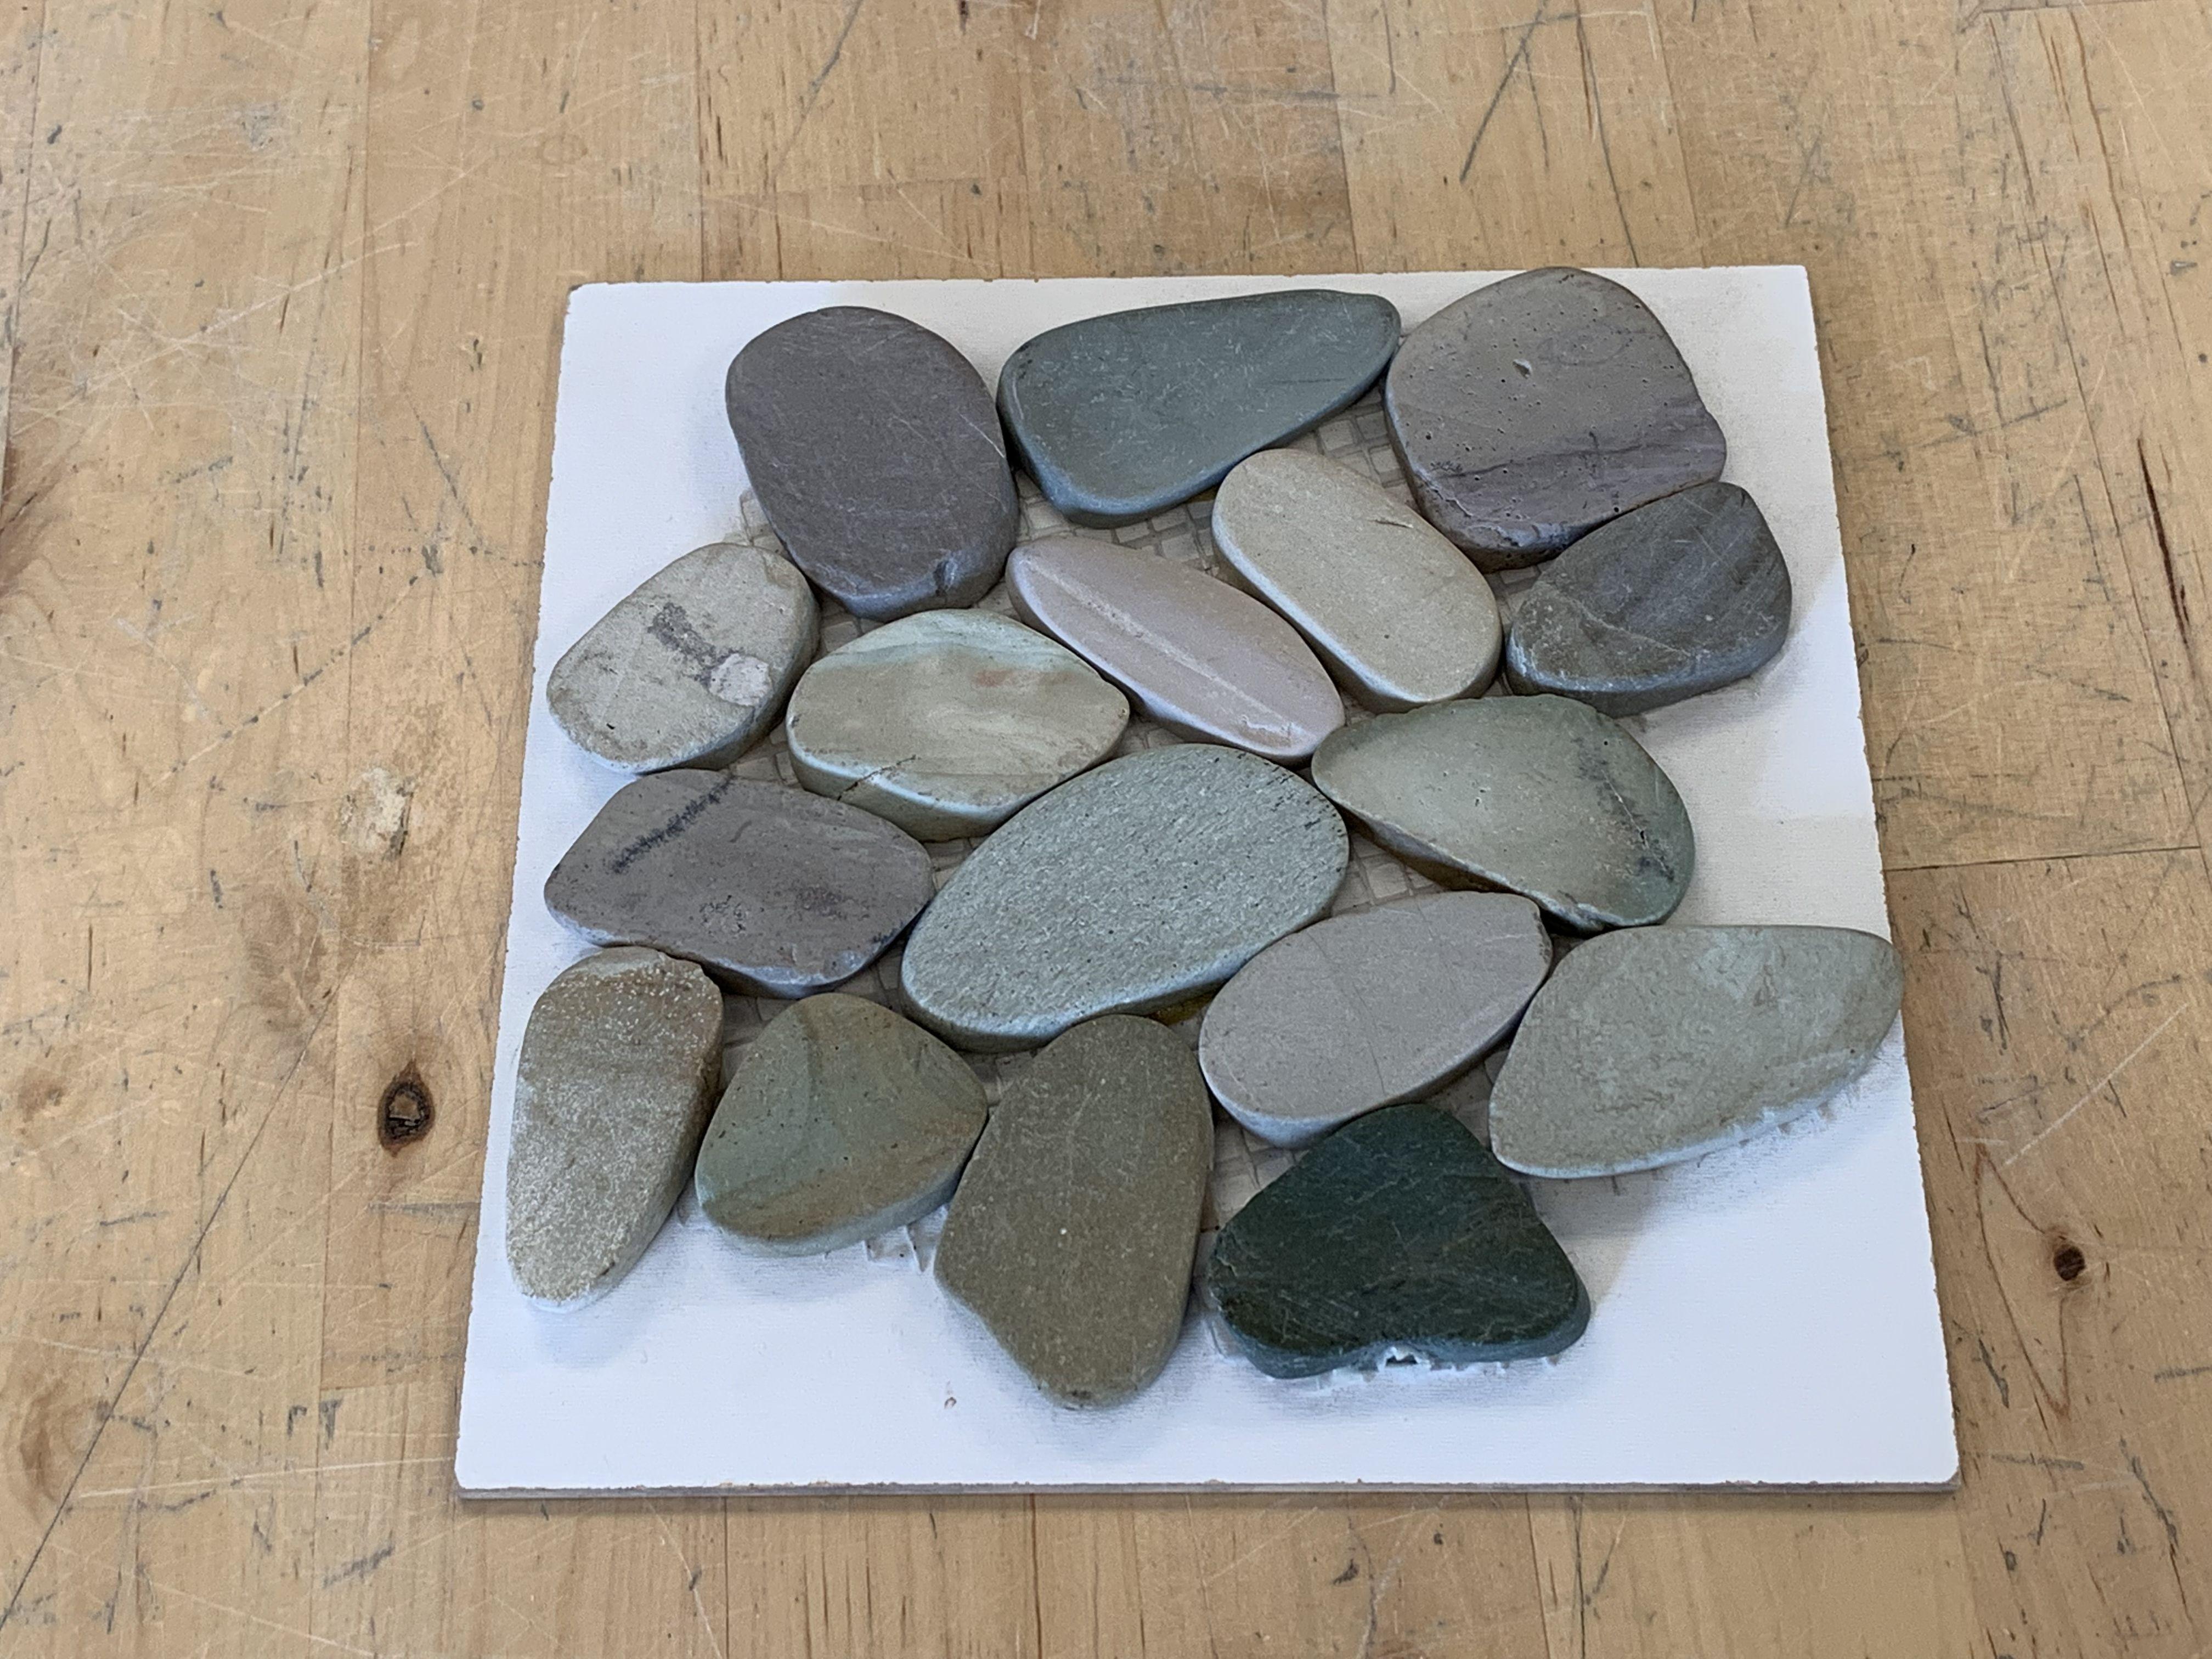 Pin By Debra Wagner On Bathroom Reno Ideas Shower Floor Pebble Stone Bathroom Renos